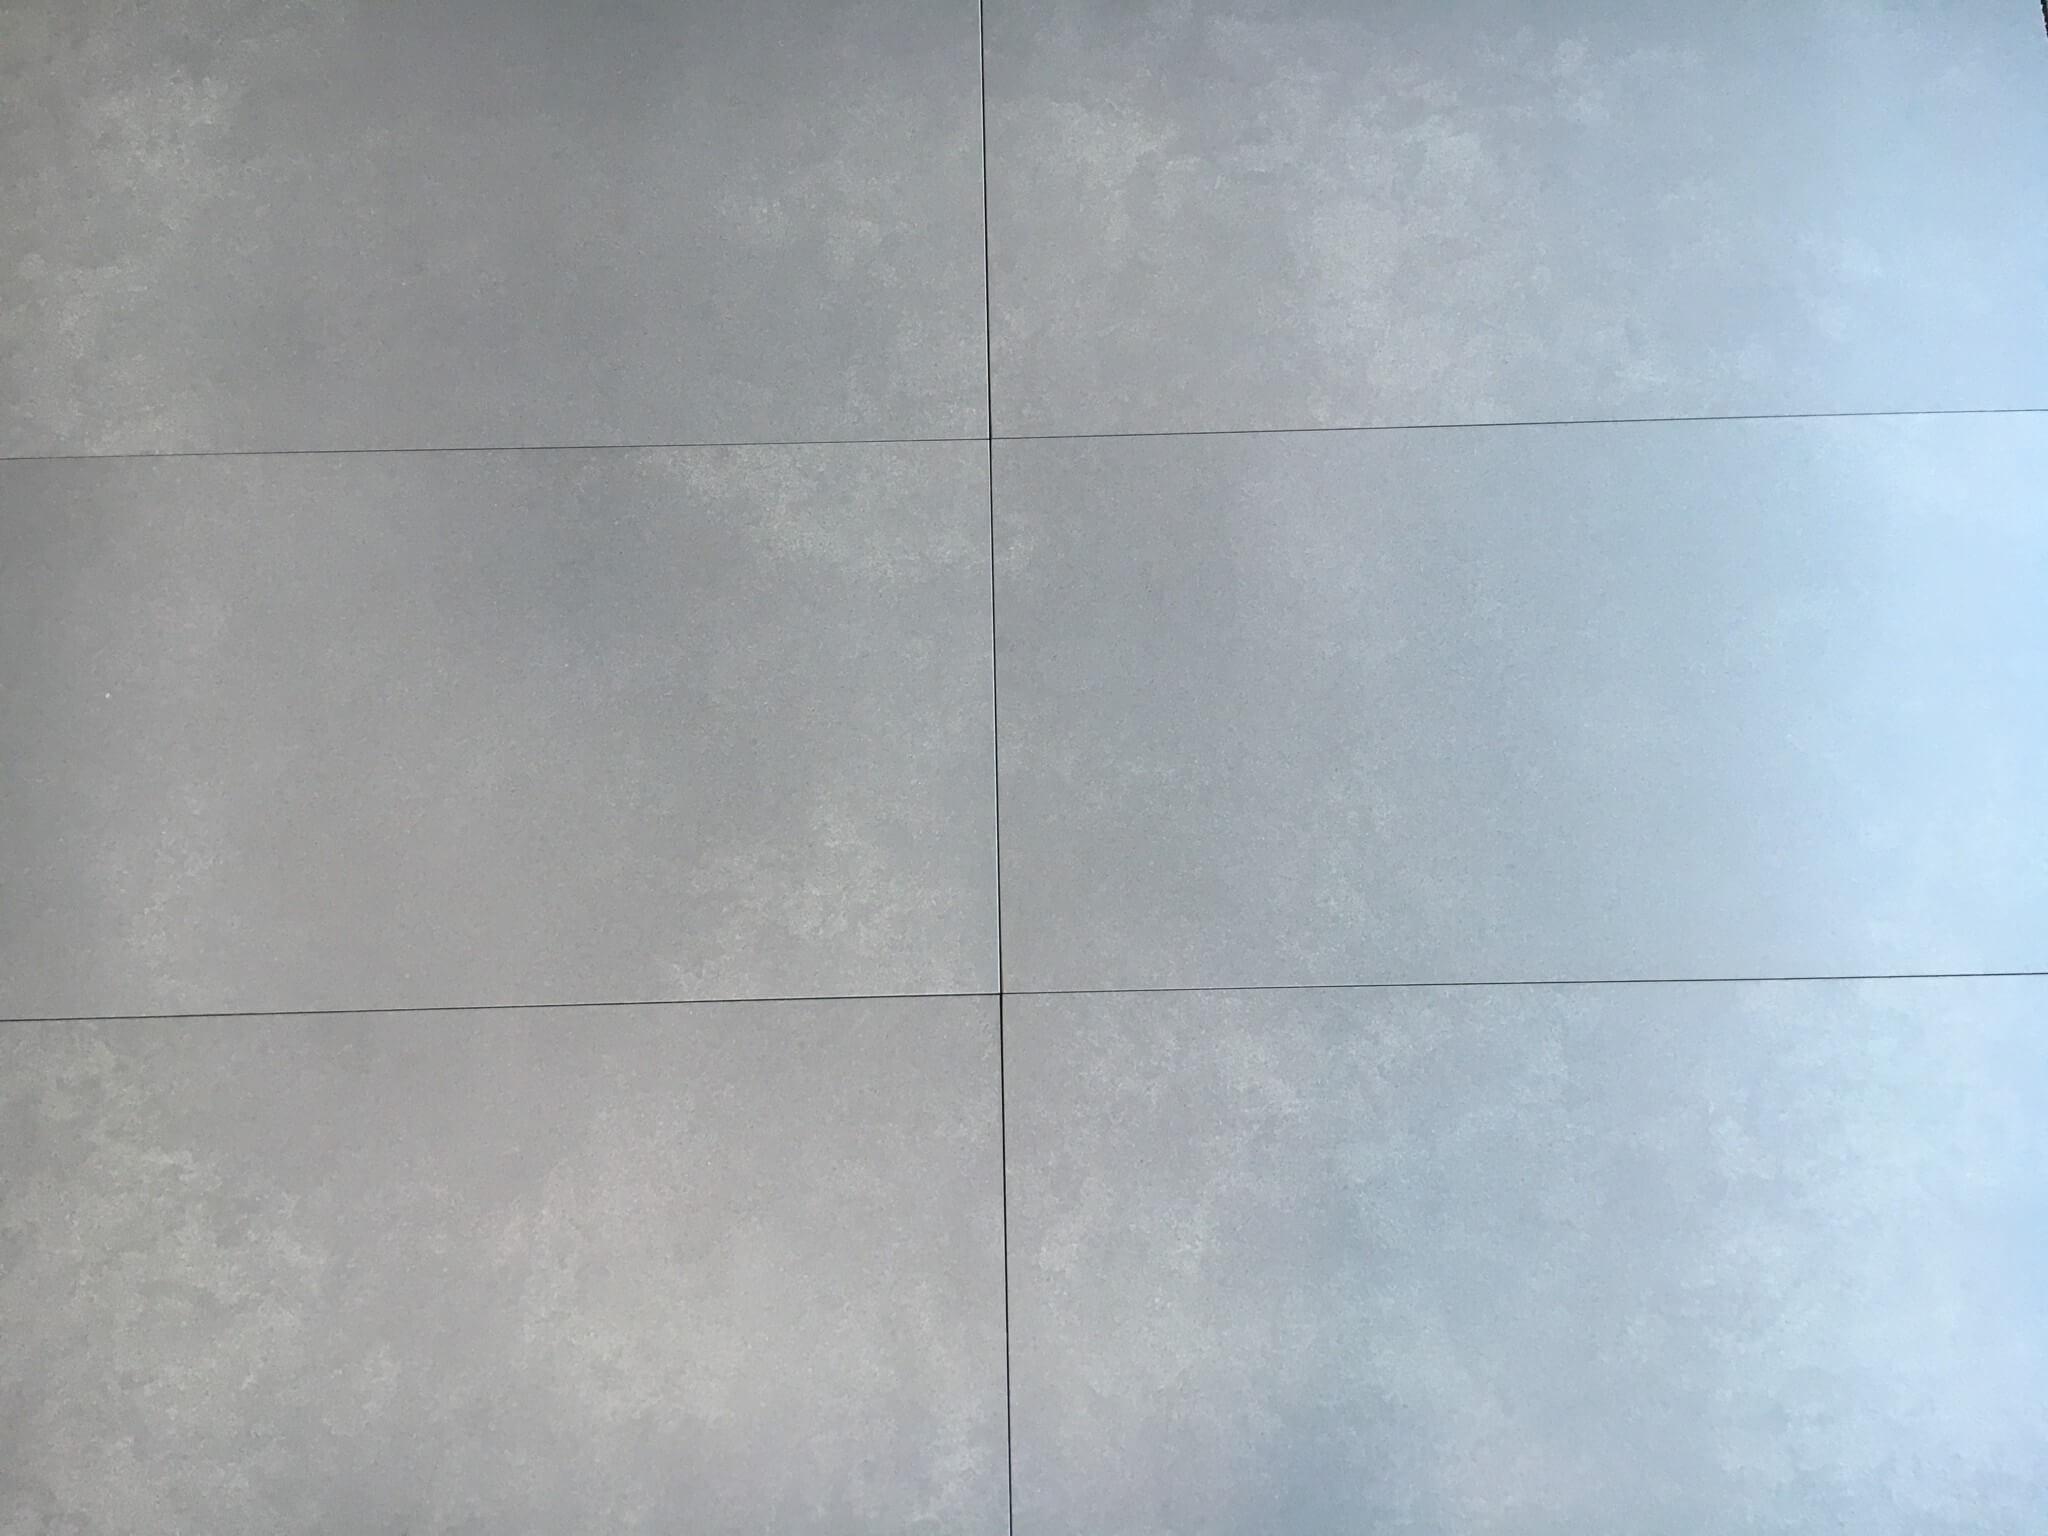 Prachtige grijze tegel aan voordelige voorwaarden gilbo tegels - Uitzonderlijke badkamer ...